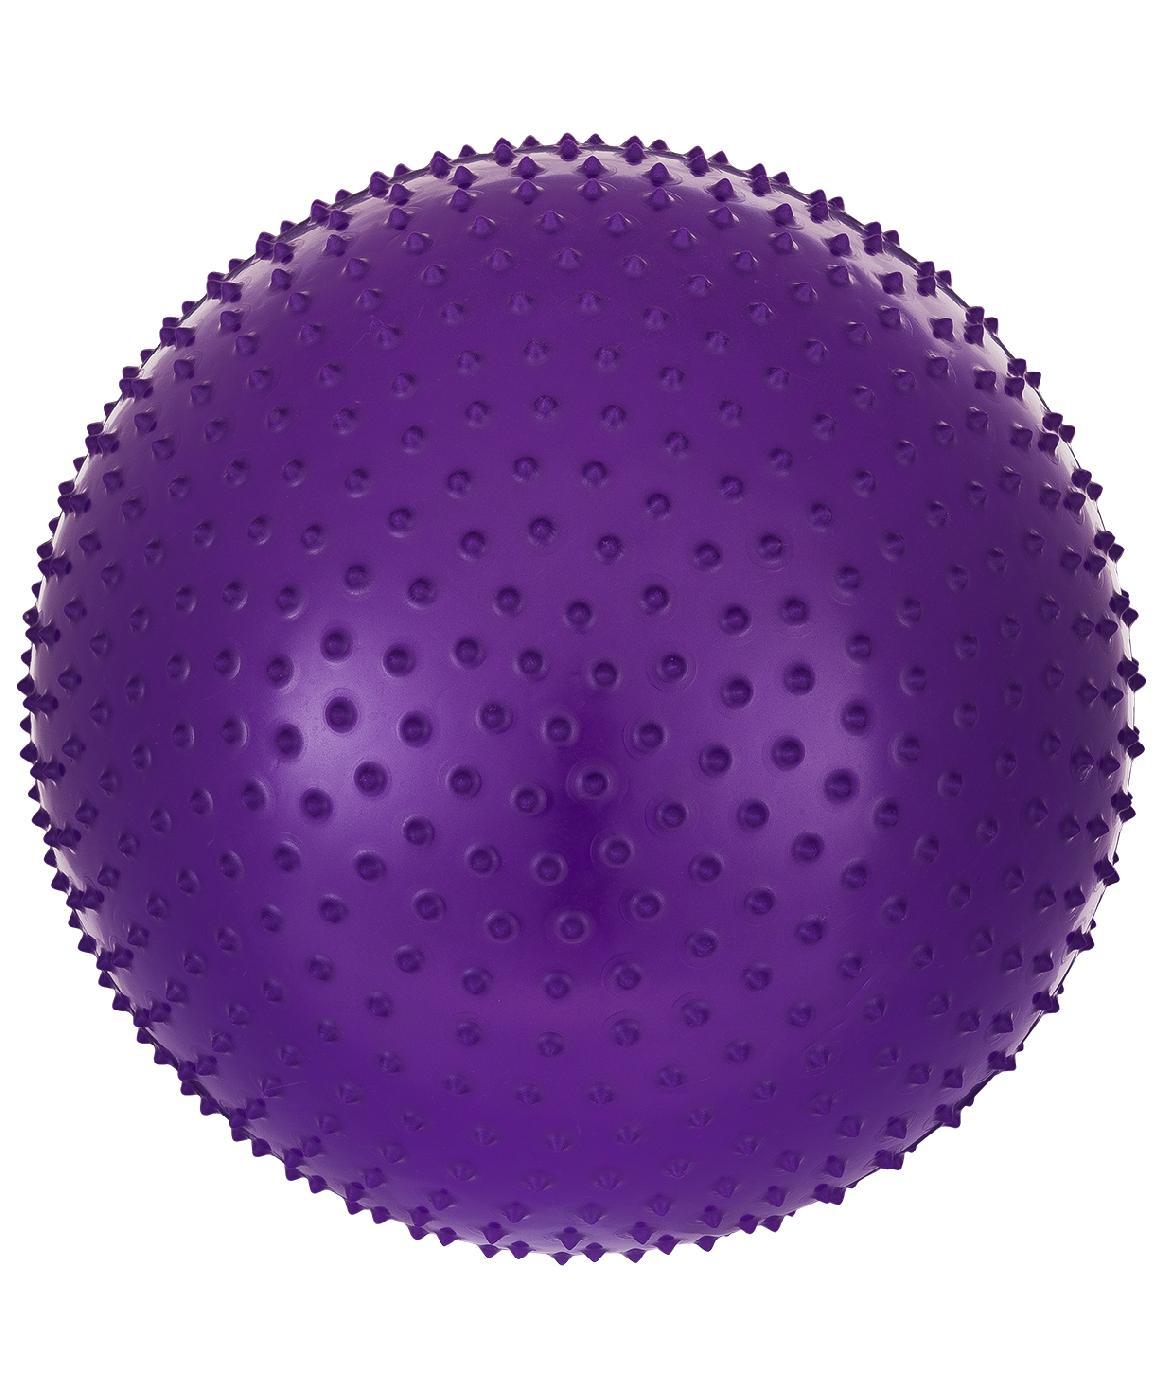 Мяч для фитнеса Starfit Мяч гимнастический массажный GB-301 75 см, антивзрыв, фиолетовый, фиолетовый мяч для фитнеса starfit мяч для пилатеса фиолетовый